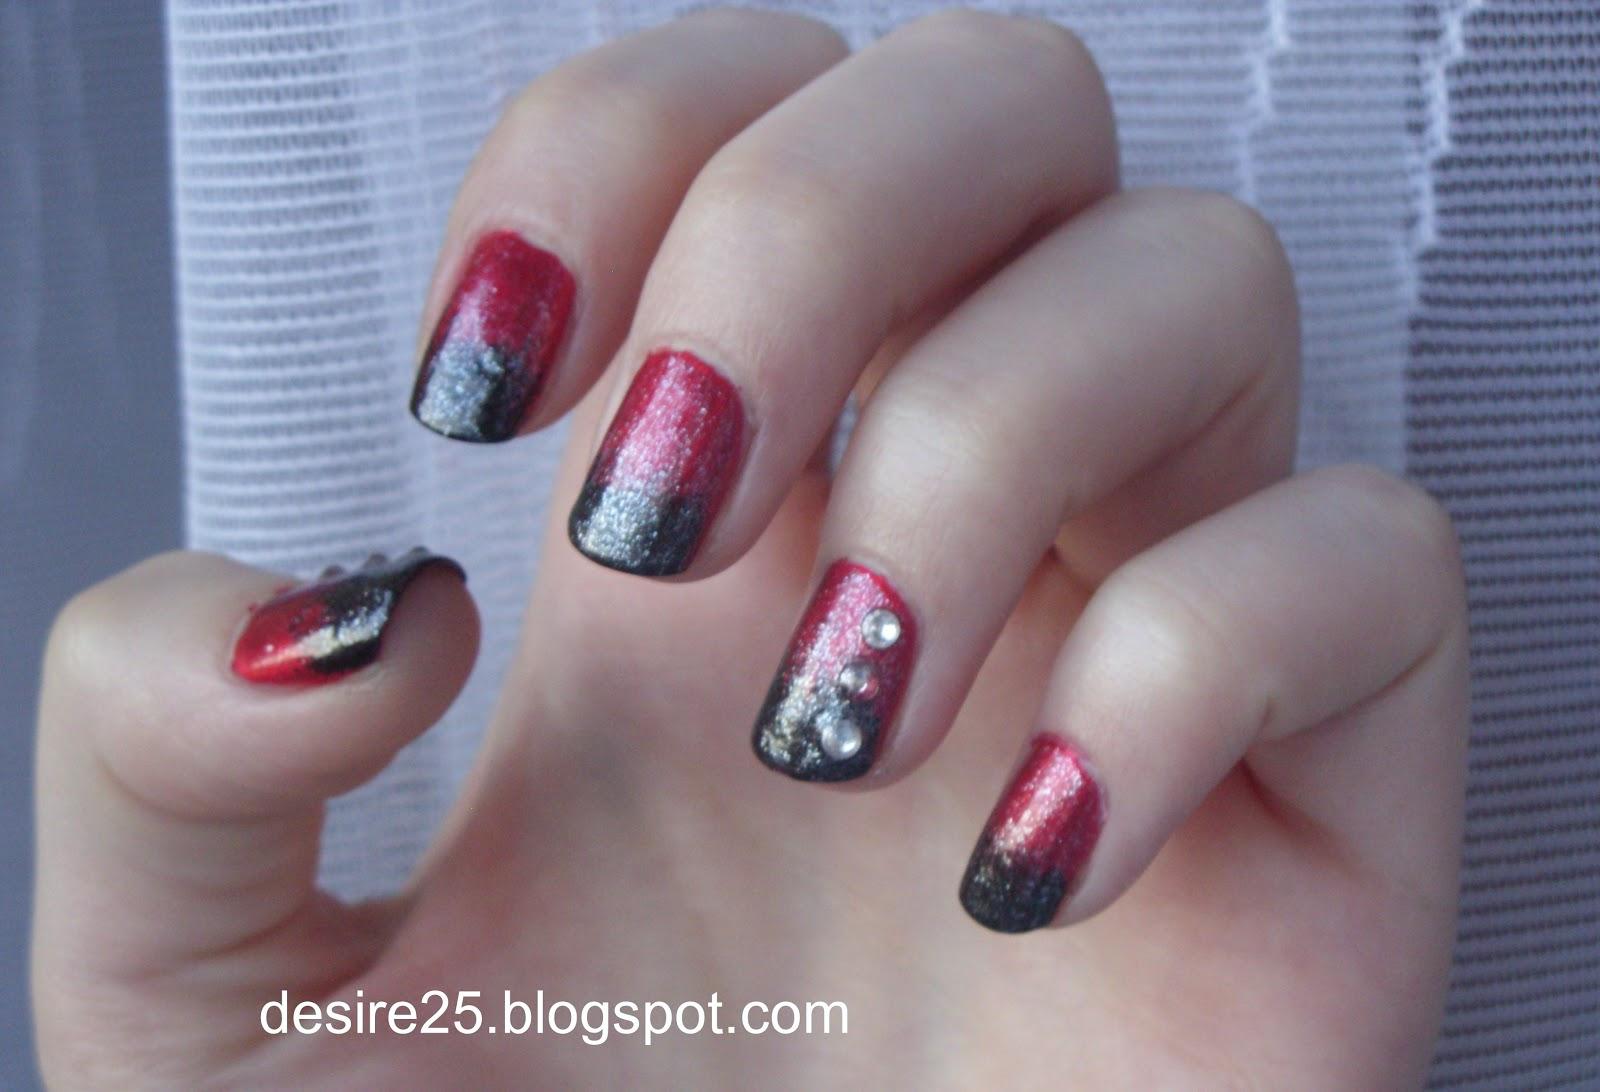 http://desire25.blogspot.com/2013/01/posylwestrowe-wrazenia-makijaz-i-pazurki.html